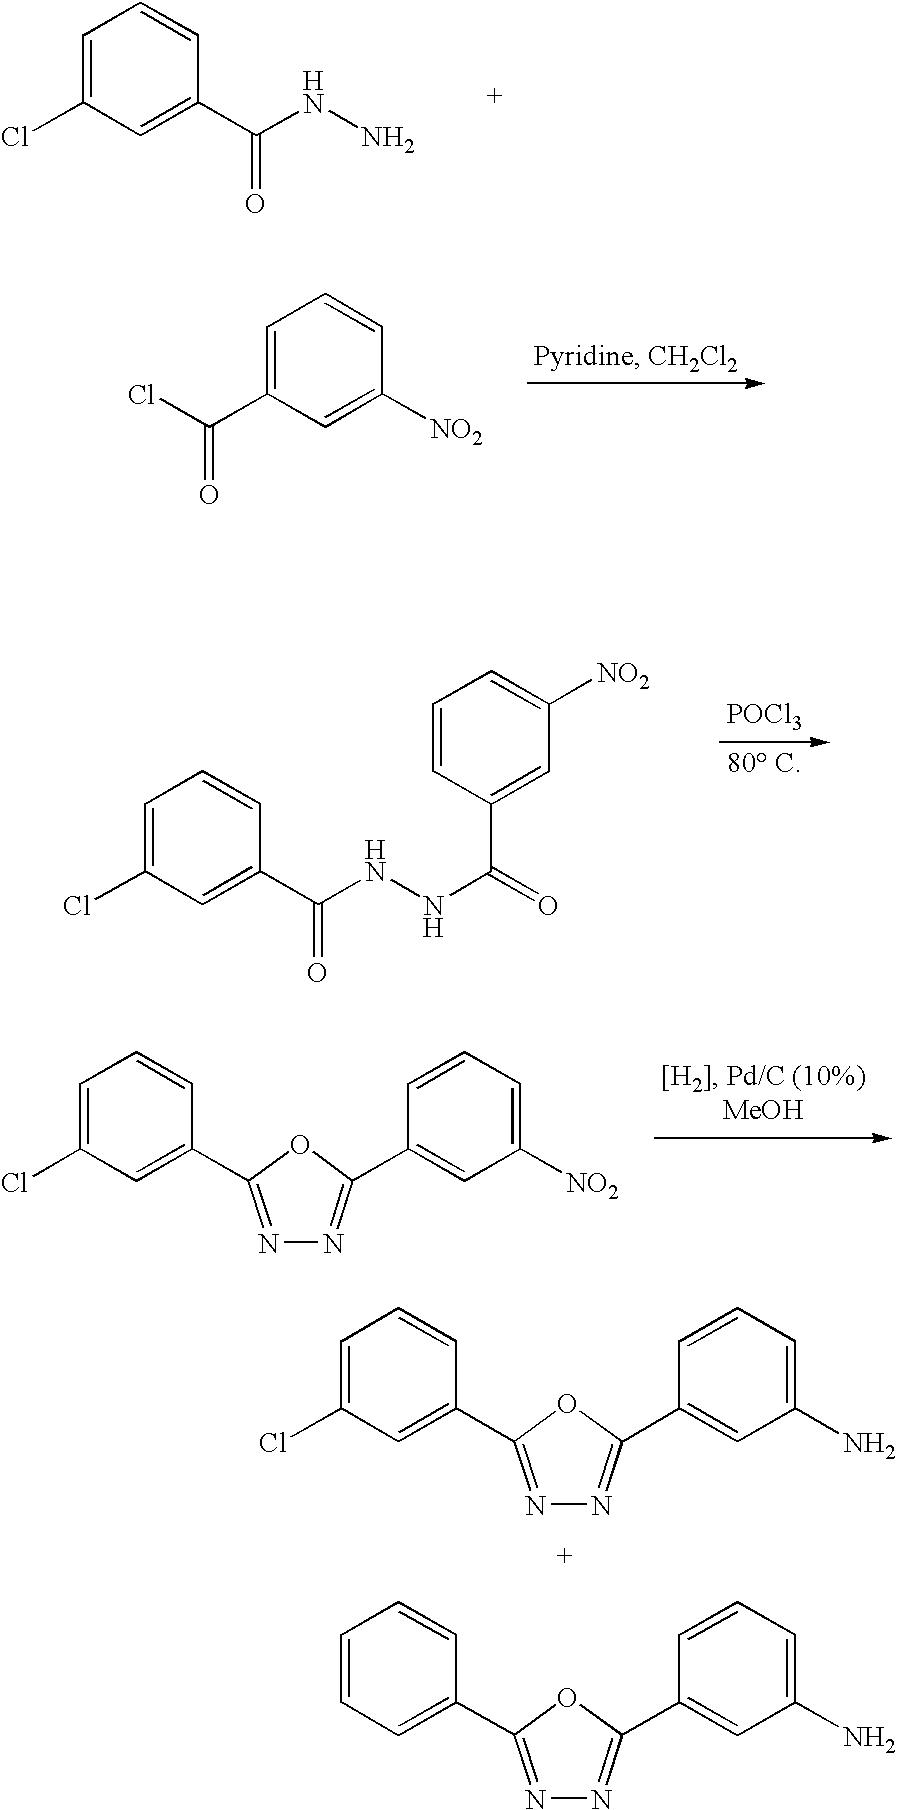 Figure US07803939-20100928-C00037